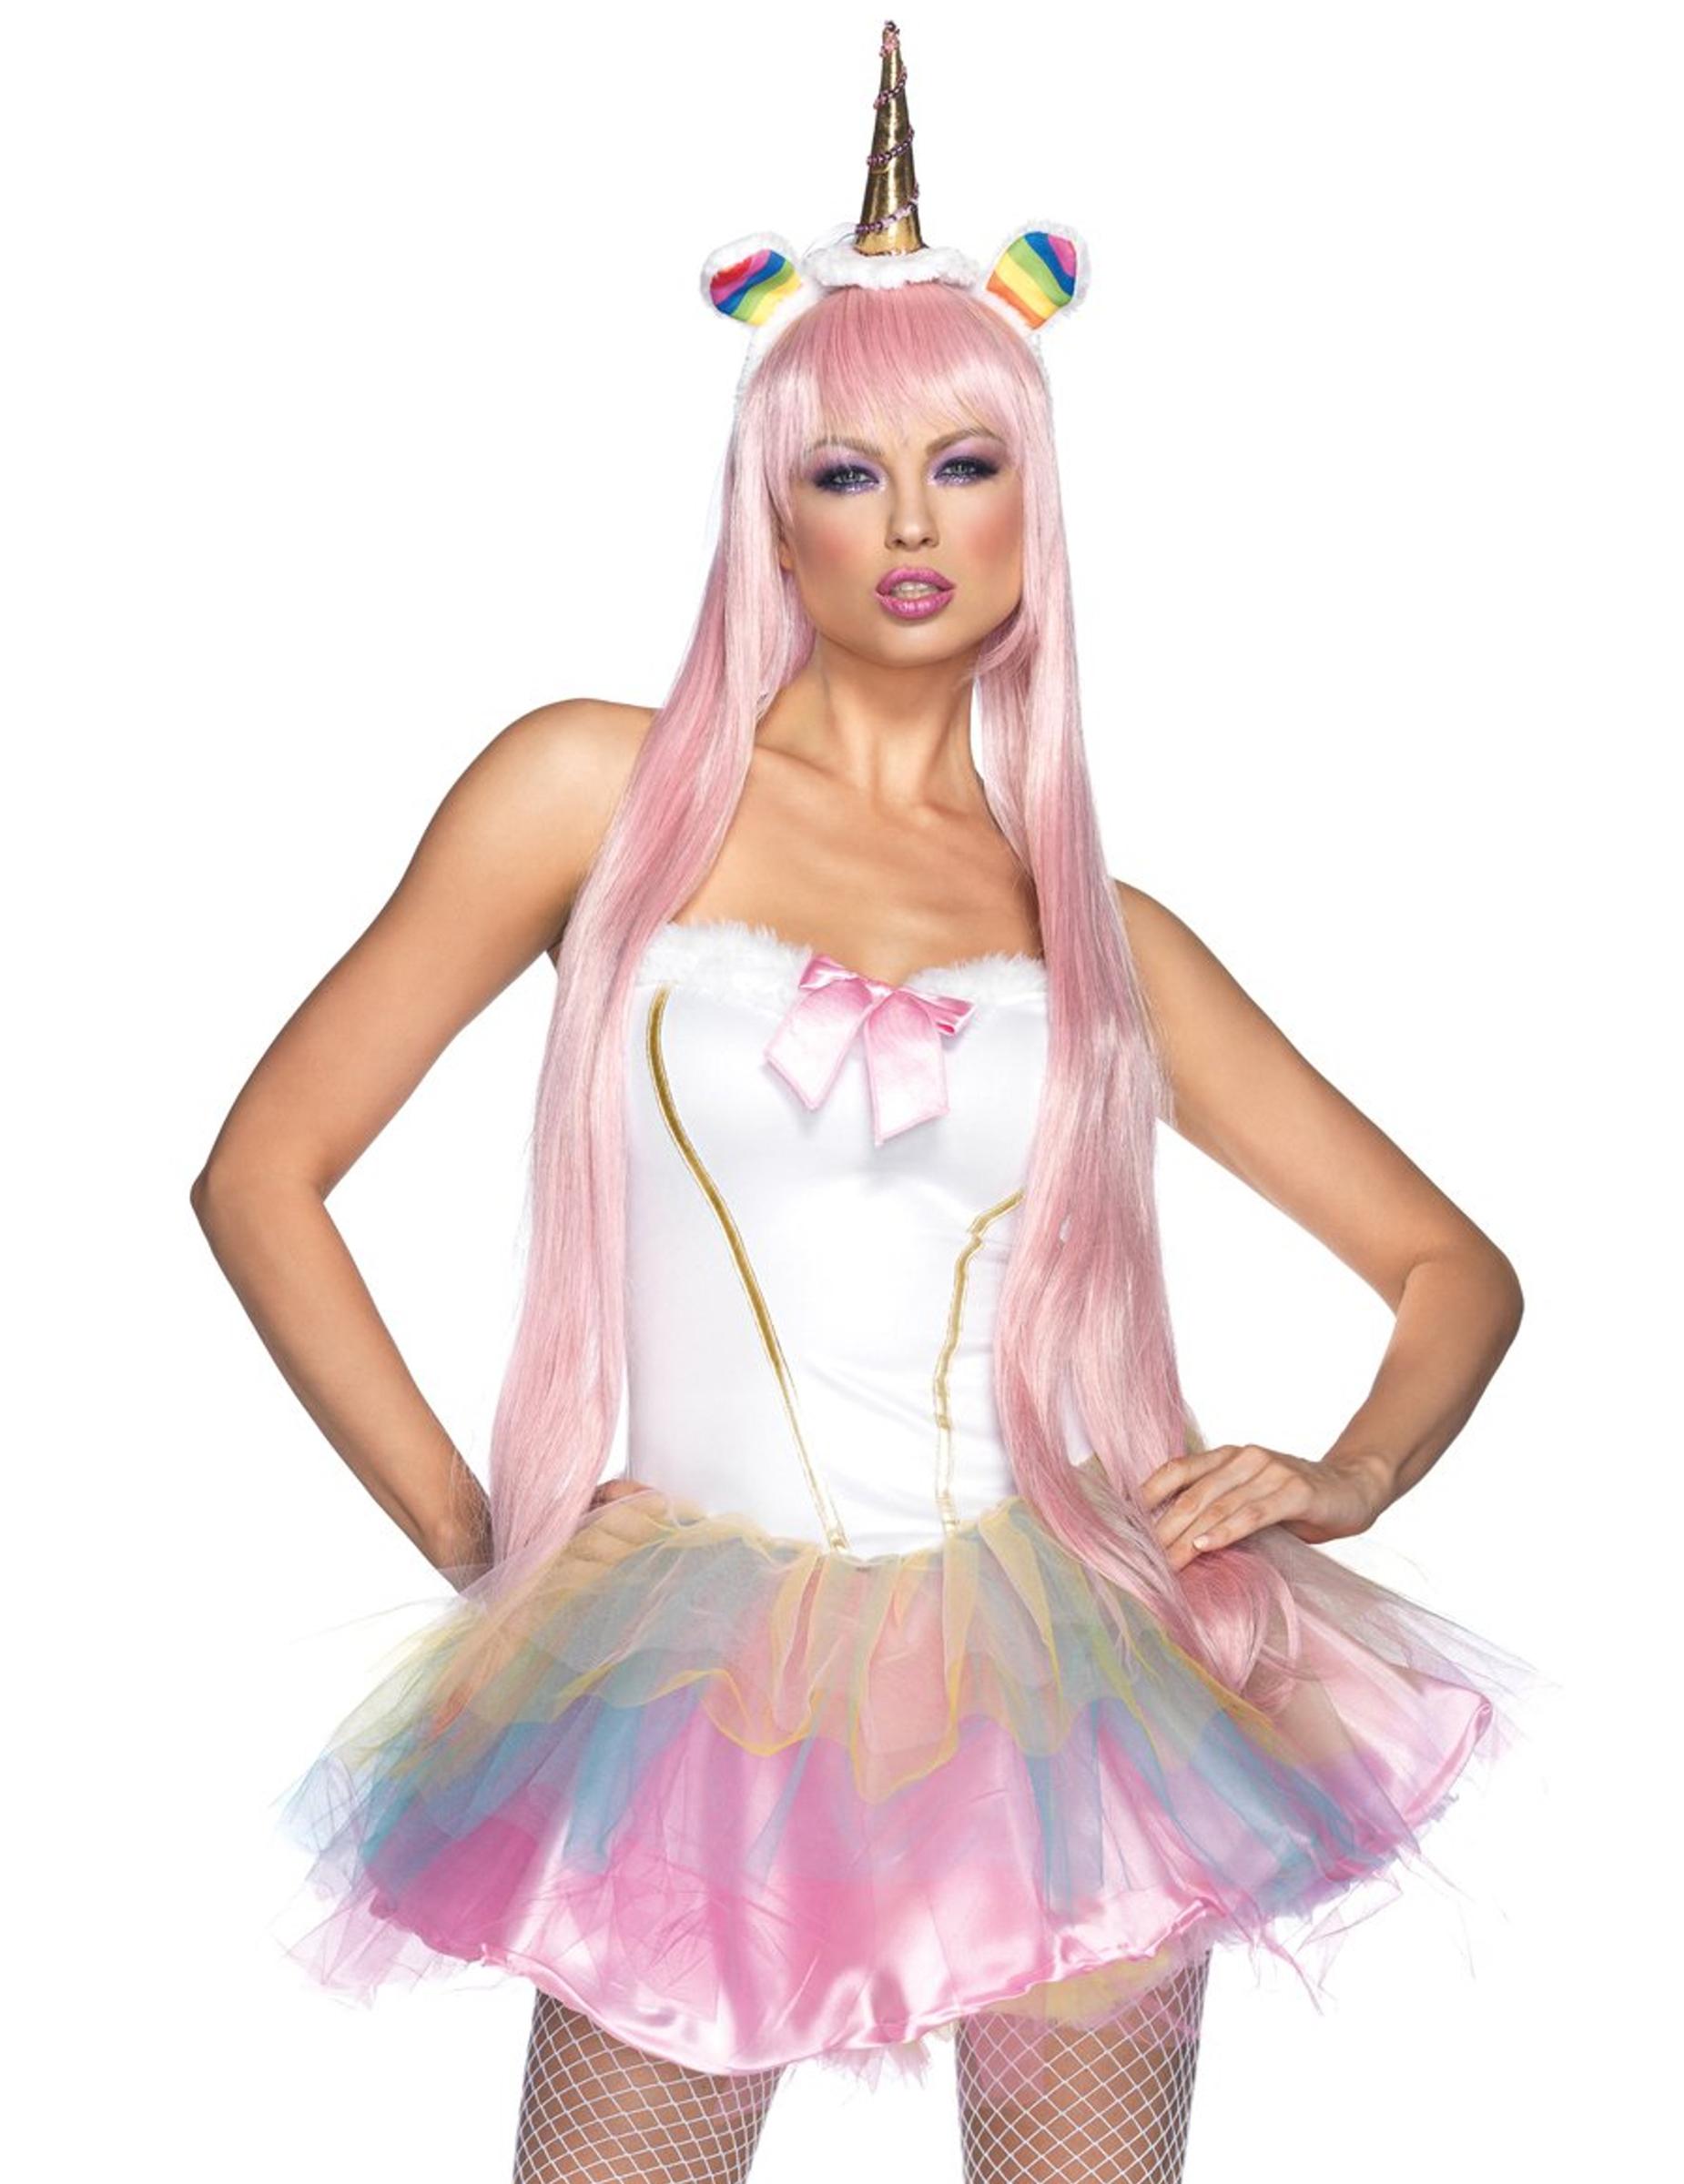 Pastell Kostüm Sexy Einhorn Für Damen HxIHzqf